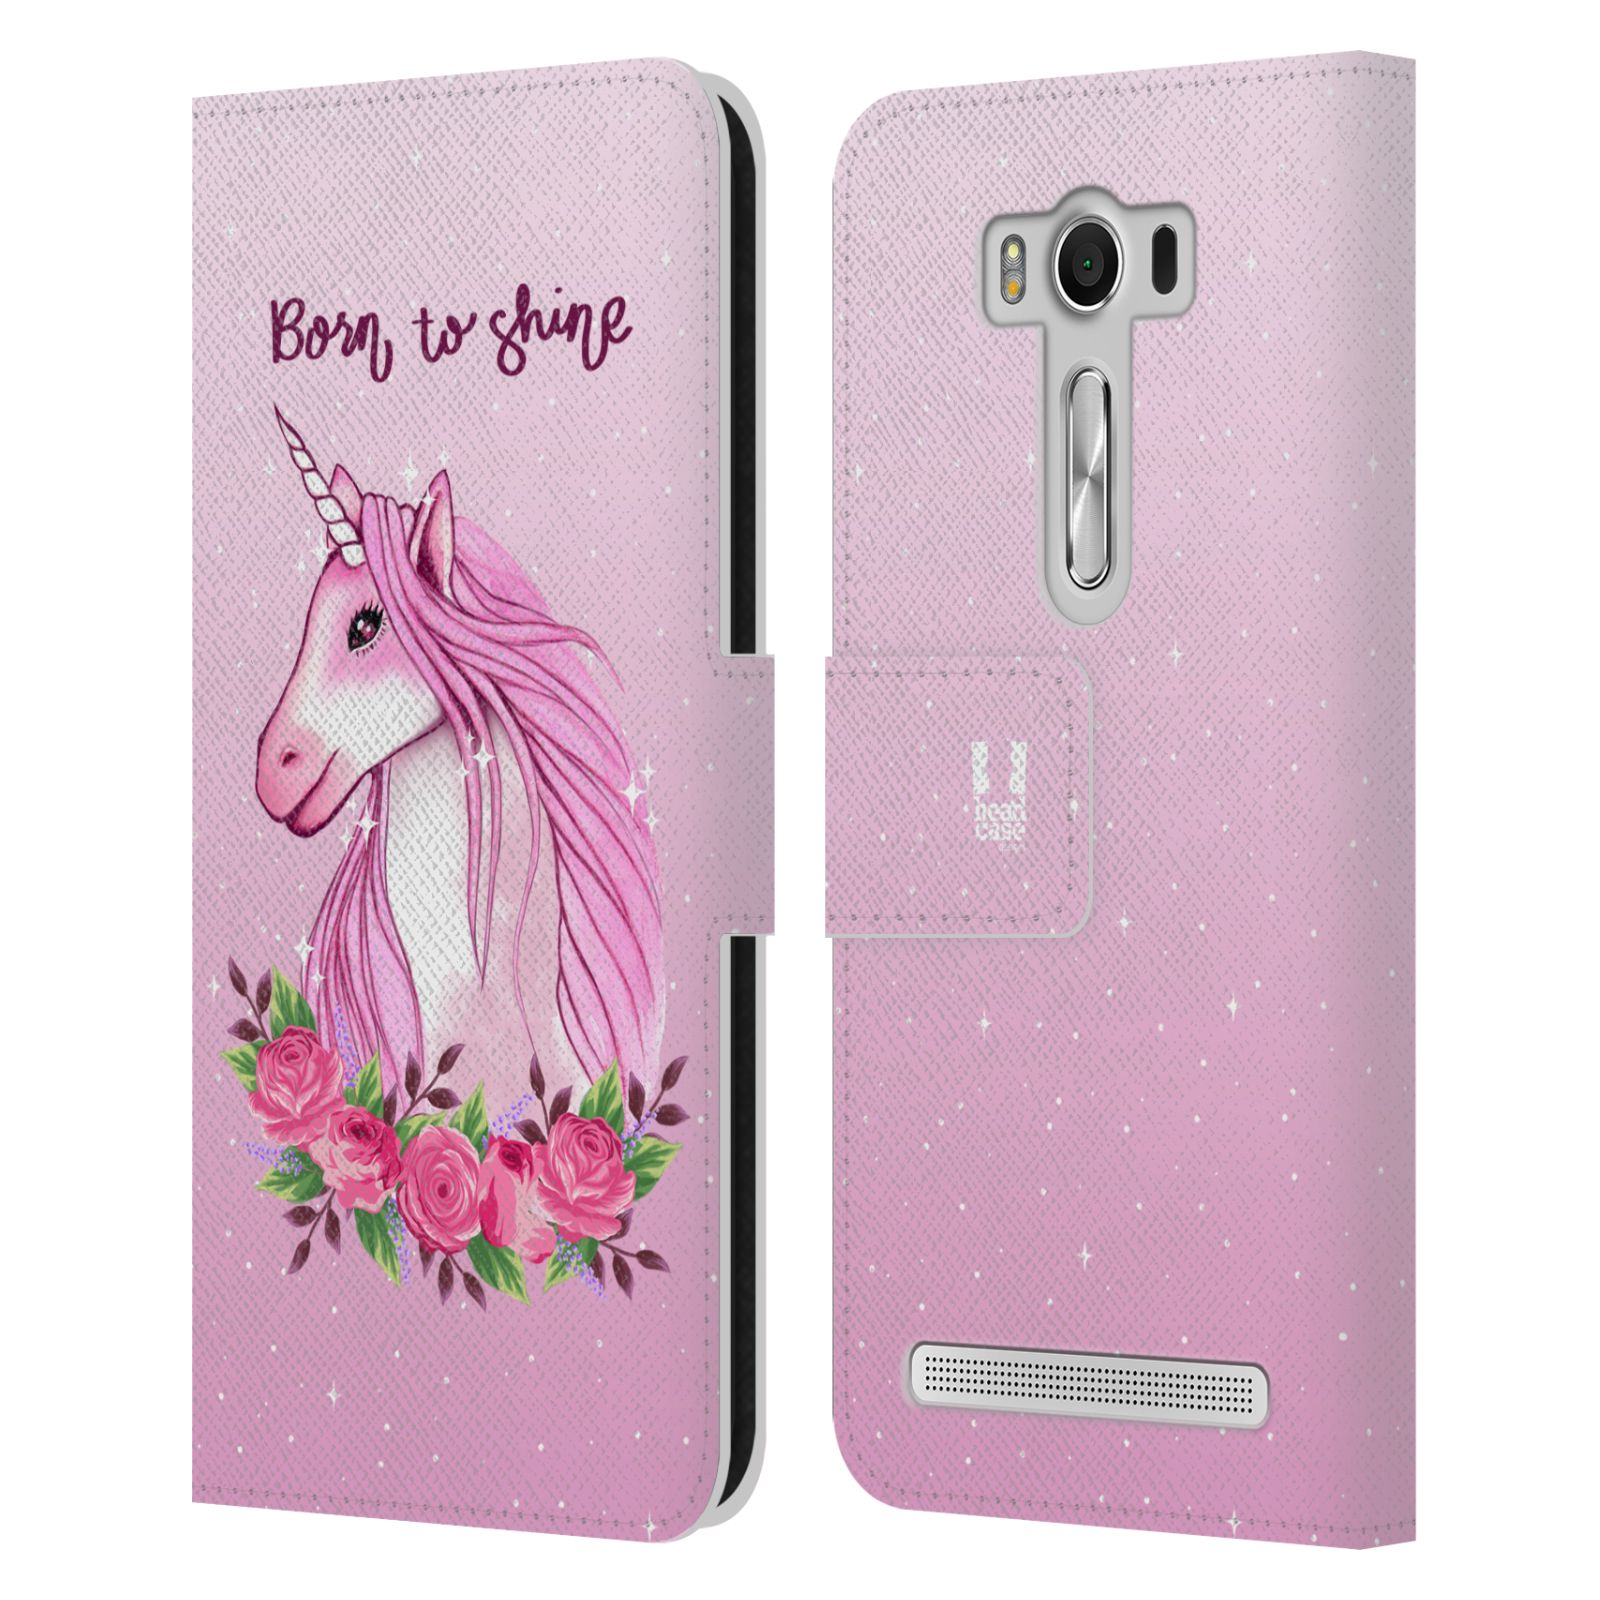 Pouzdro na mobil Asus Zenfone 2 Laser ZE500KL - Head Case - Růžový jednorožec růže